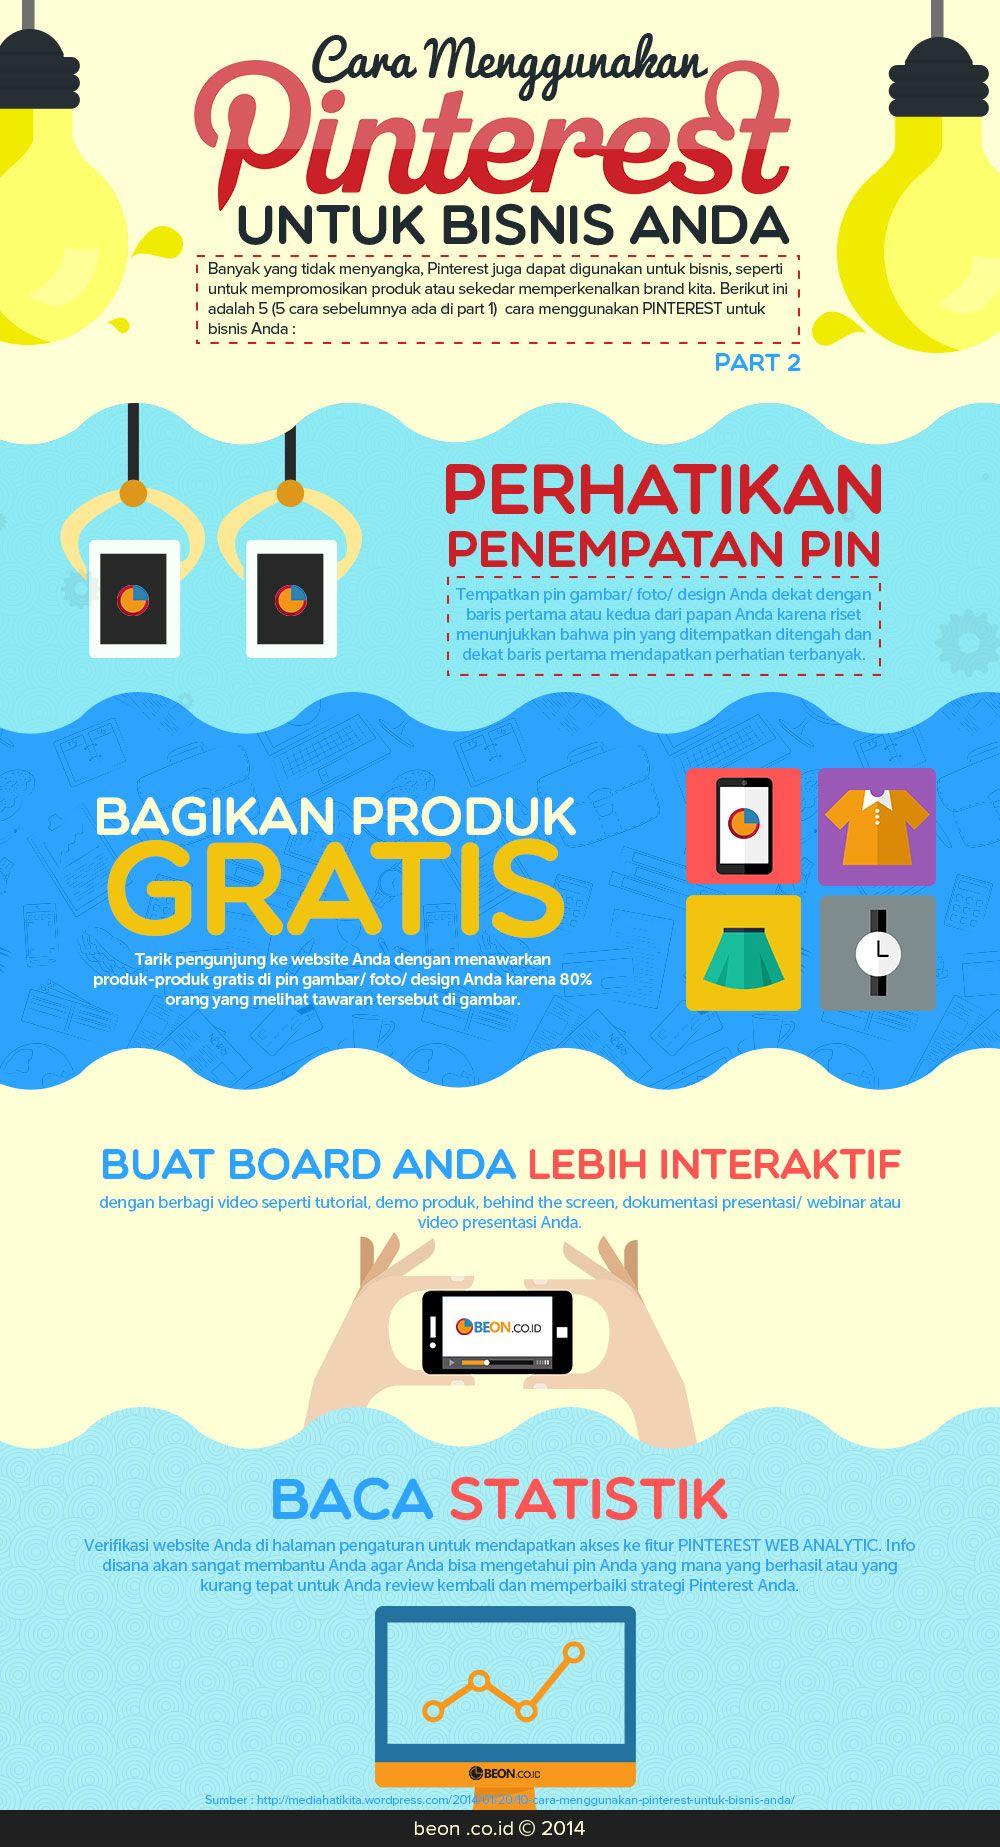 Infografis Cara Ajaib Manfaatkan Pinterest Untuk Bisnis Part 2 Infografis Desain Logo Bisnis Pemasaran Digital